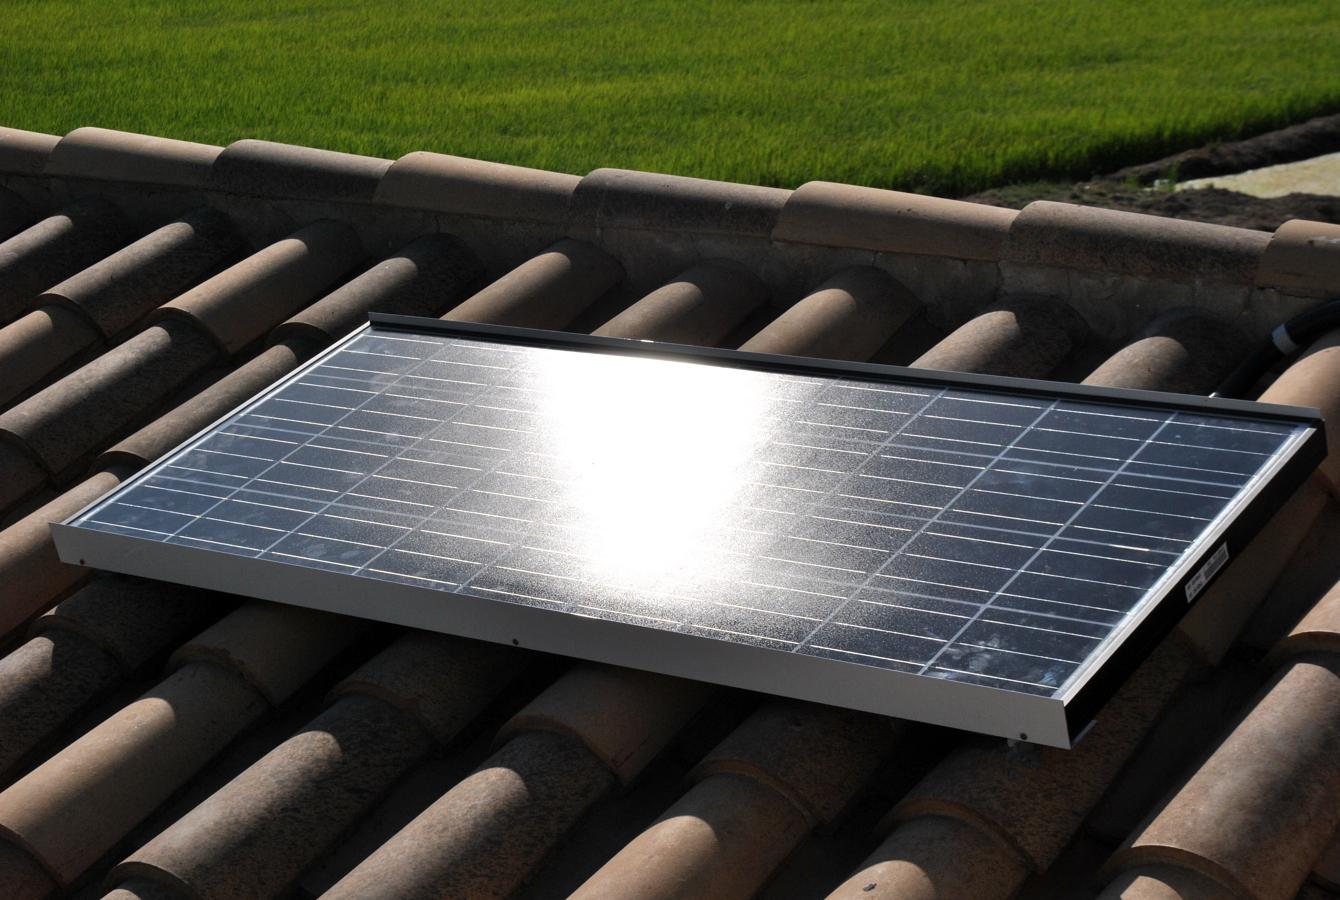 Módulo solar fotovoltaico de 135Wp instalado sobre tejado.